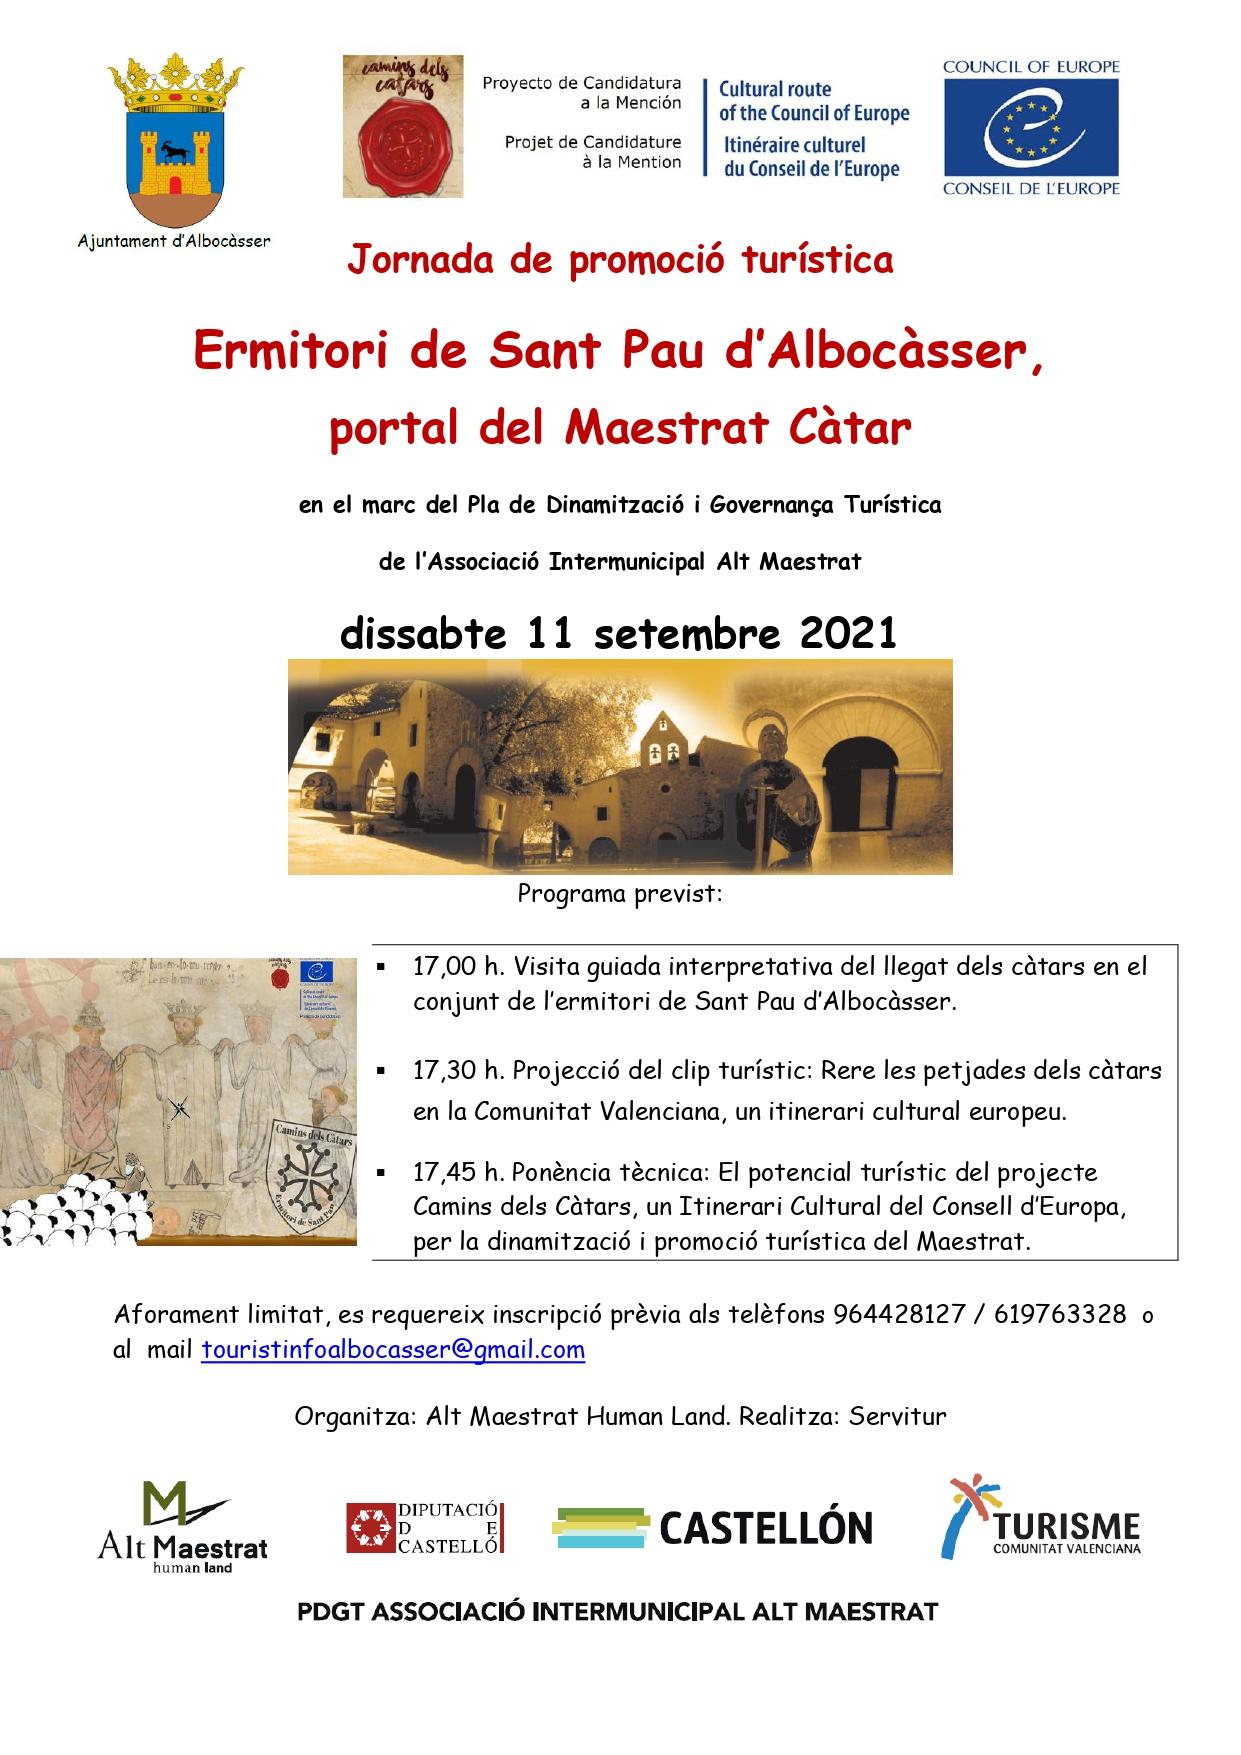 Jornada de promoción turística del Alt Maestrat Human Land sobre el legado de los cátaros en Albocàsser